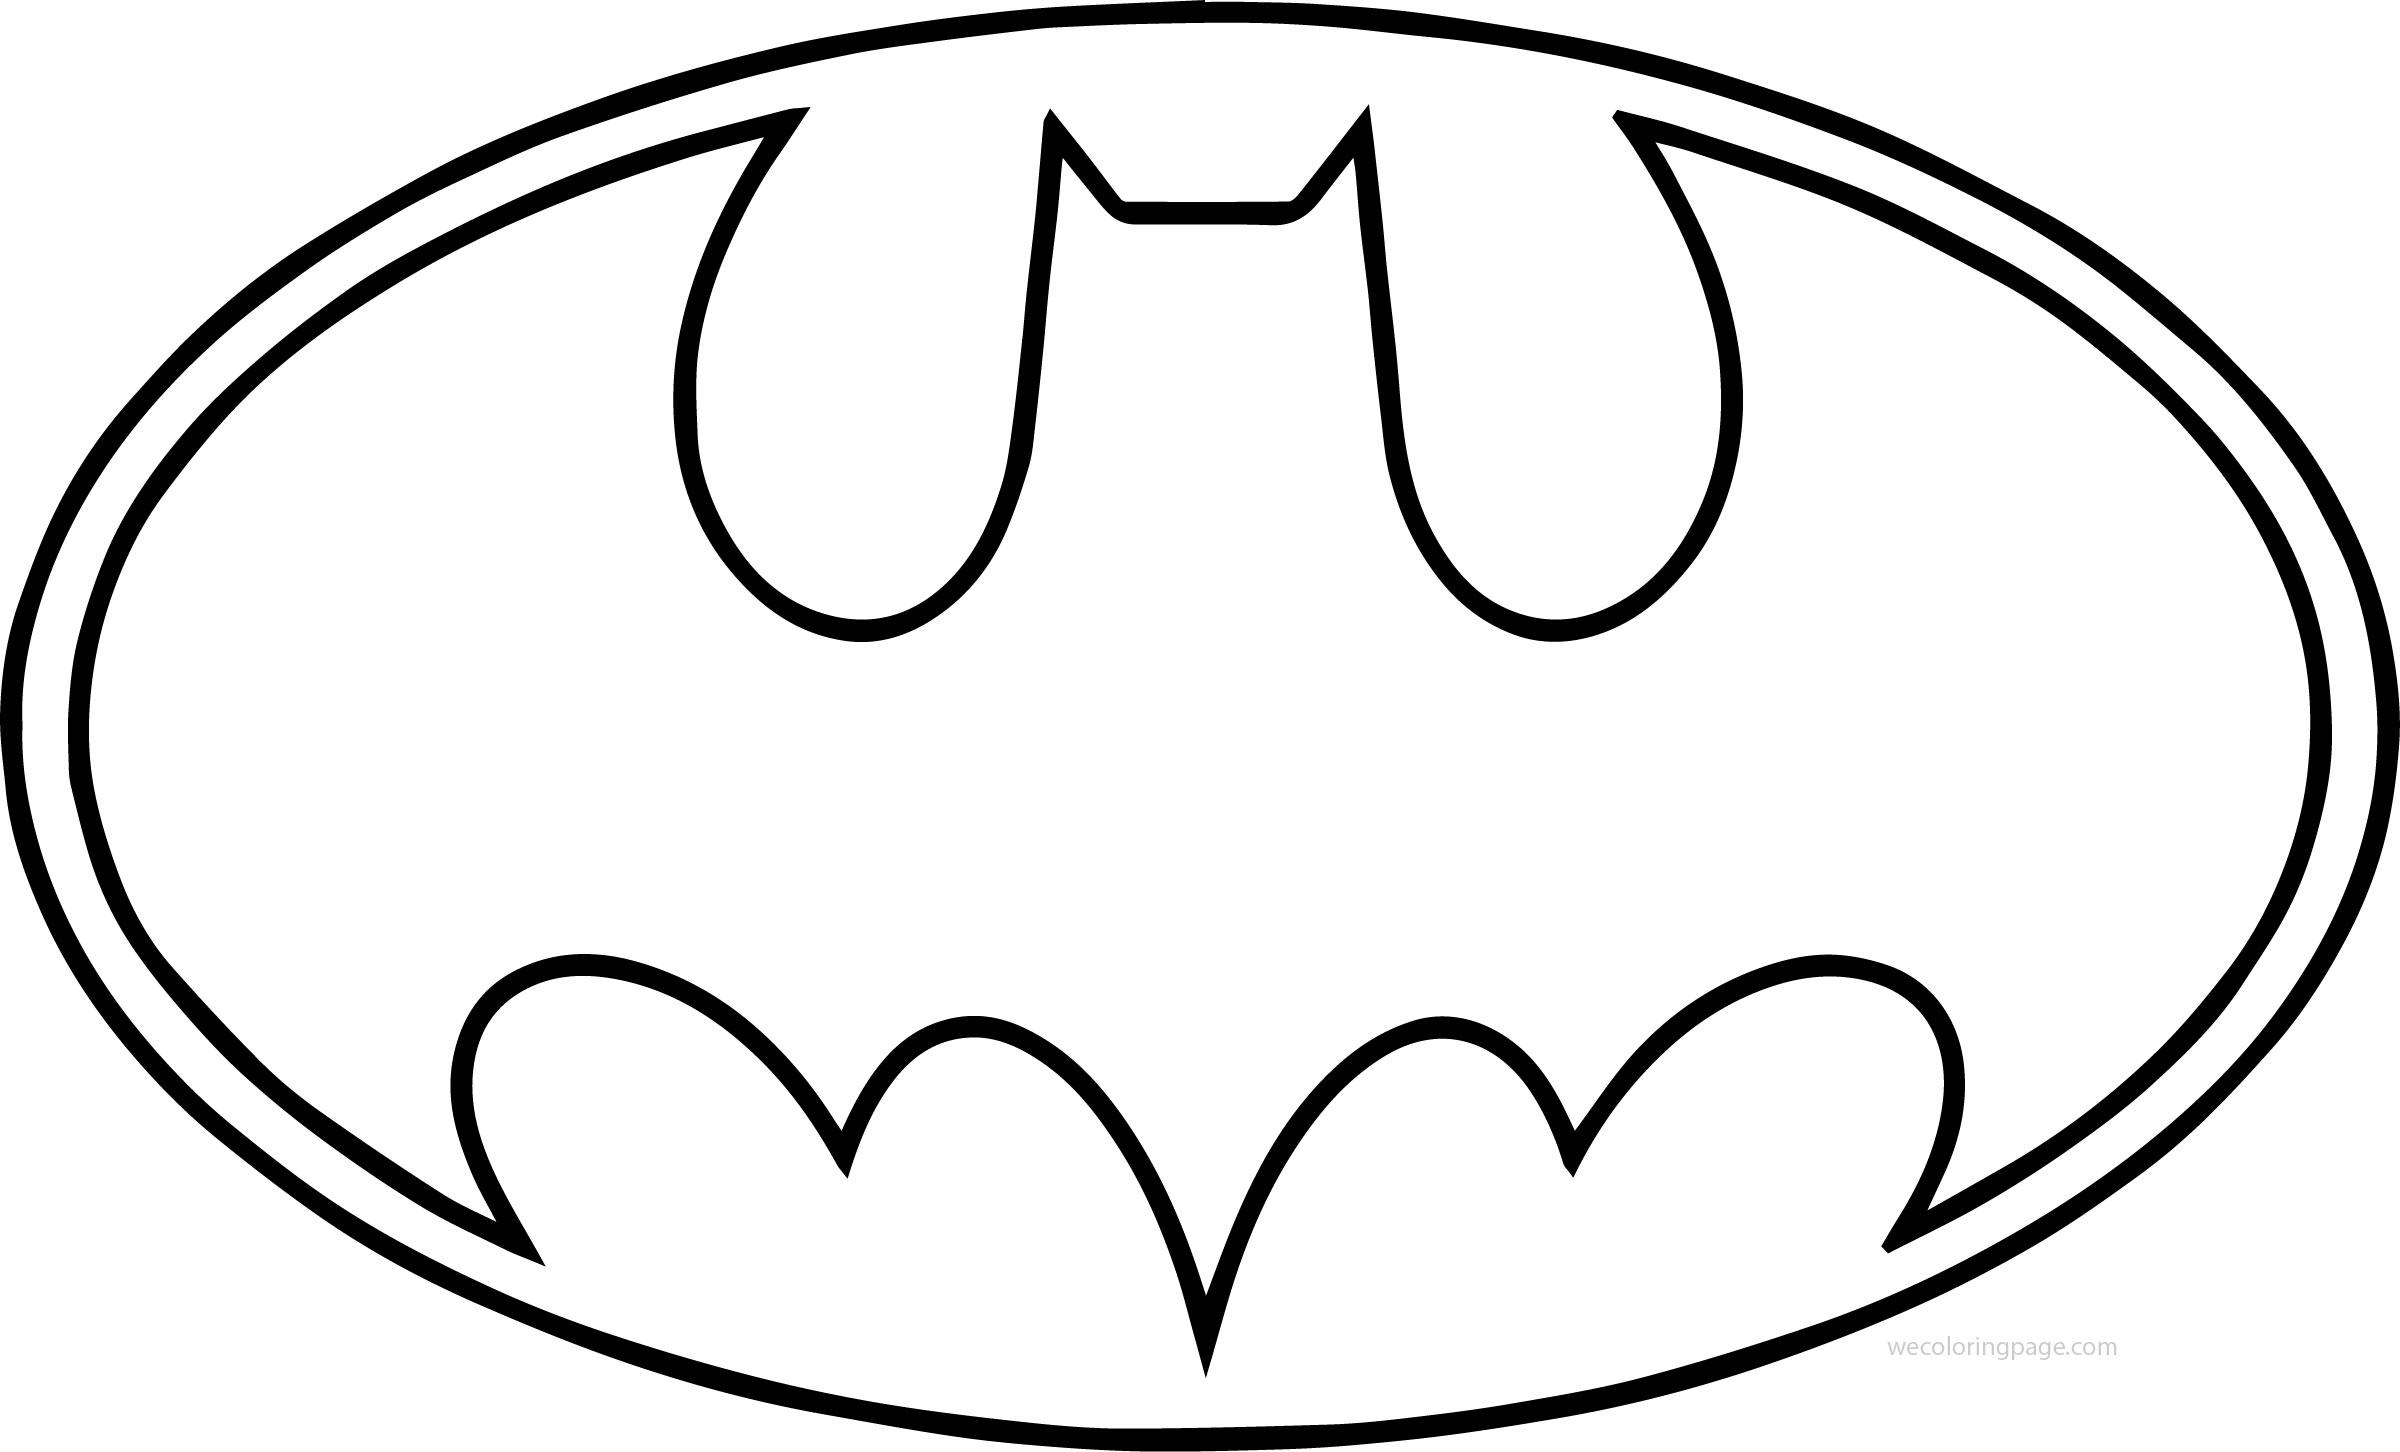 Outline Batman Logo Coloring Page